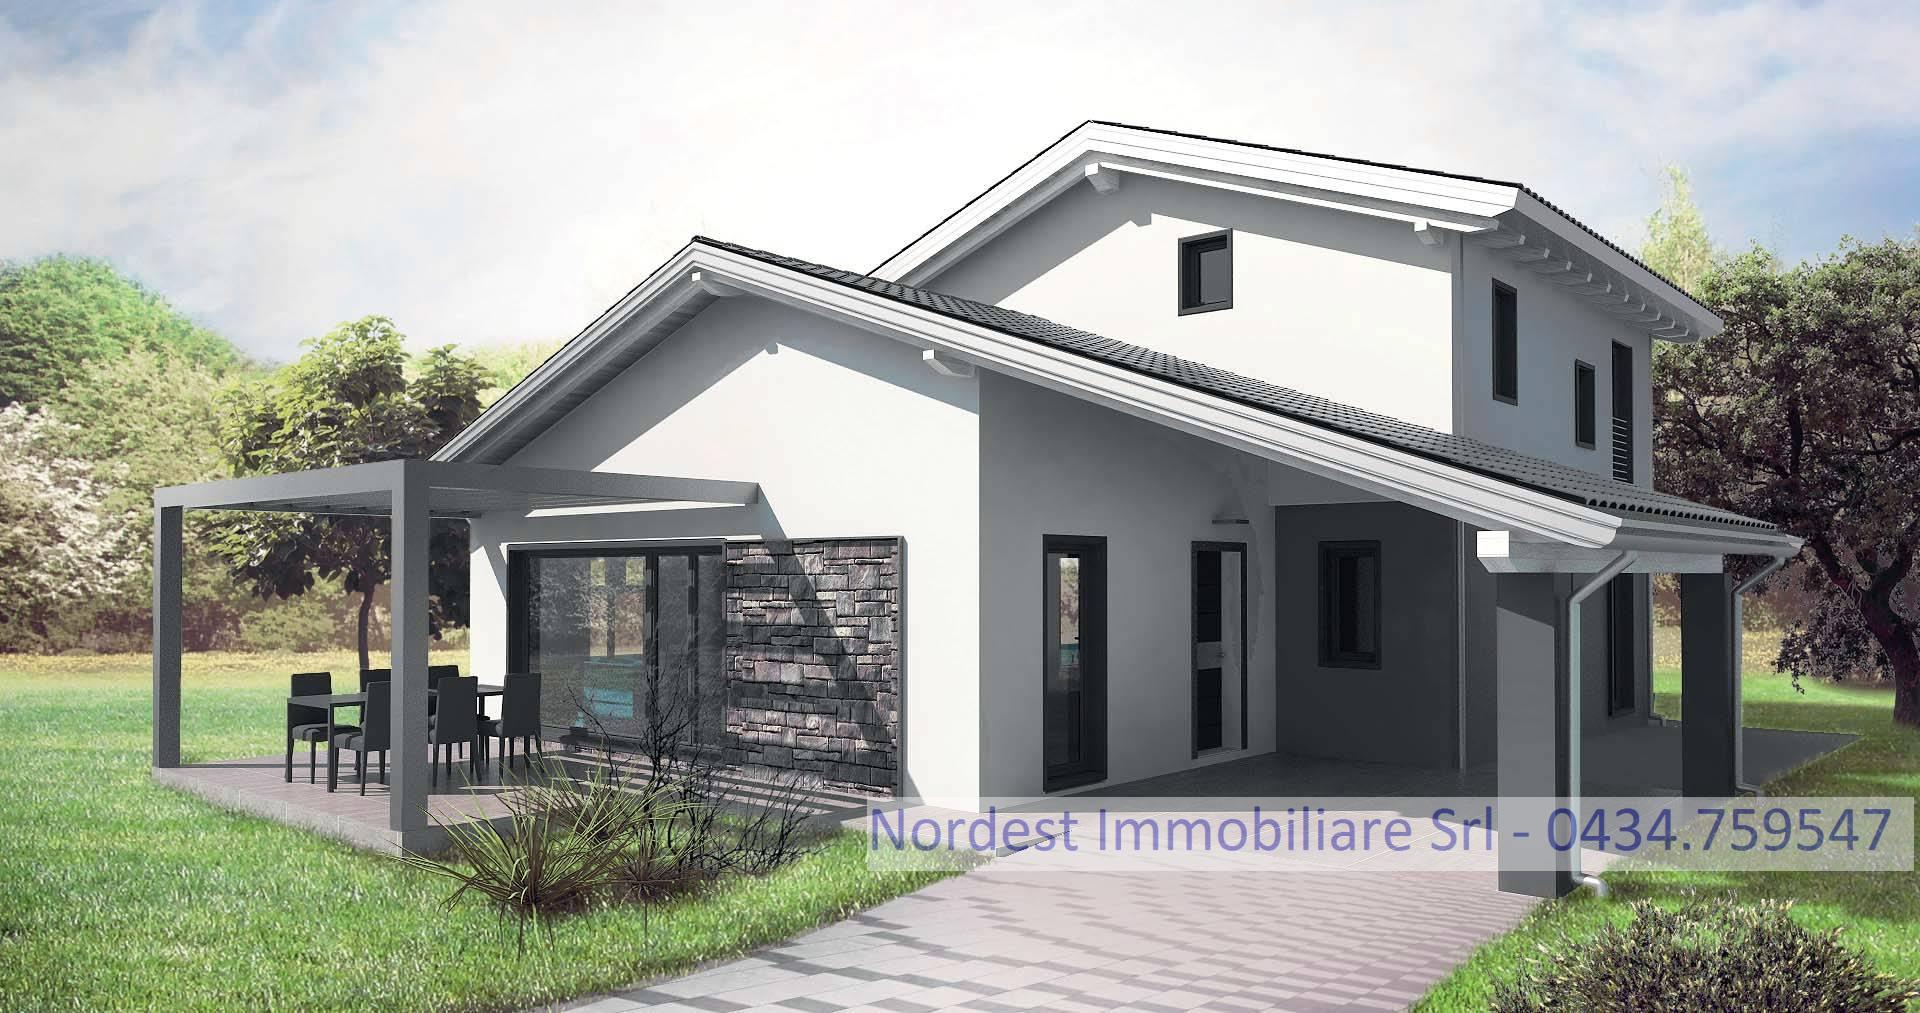 Soluzione Indipendente in vendita a Comelico Superiore, 6 locali, prezzo € 160.000 | CambioCasa.it